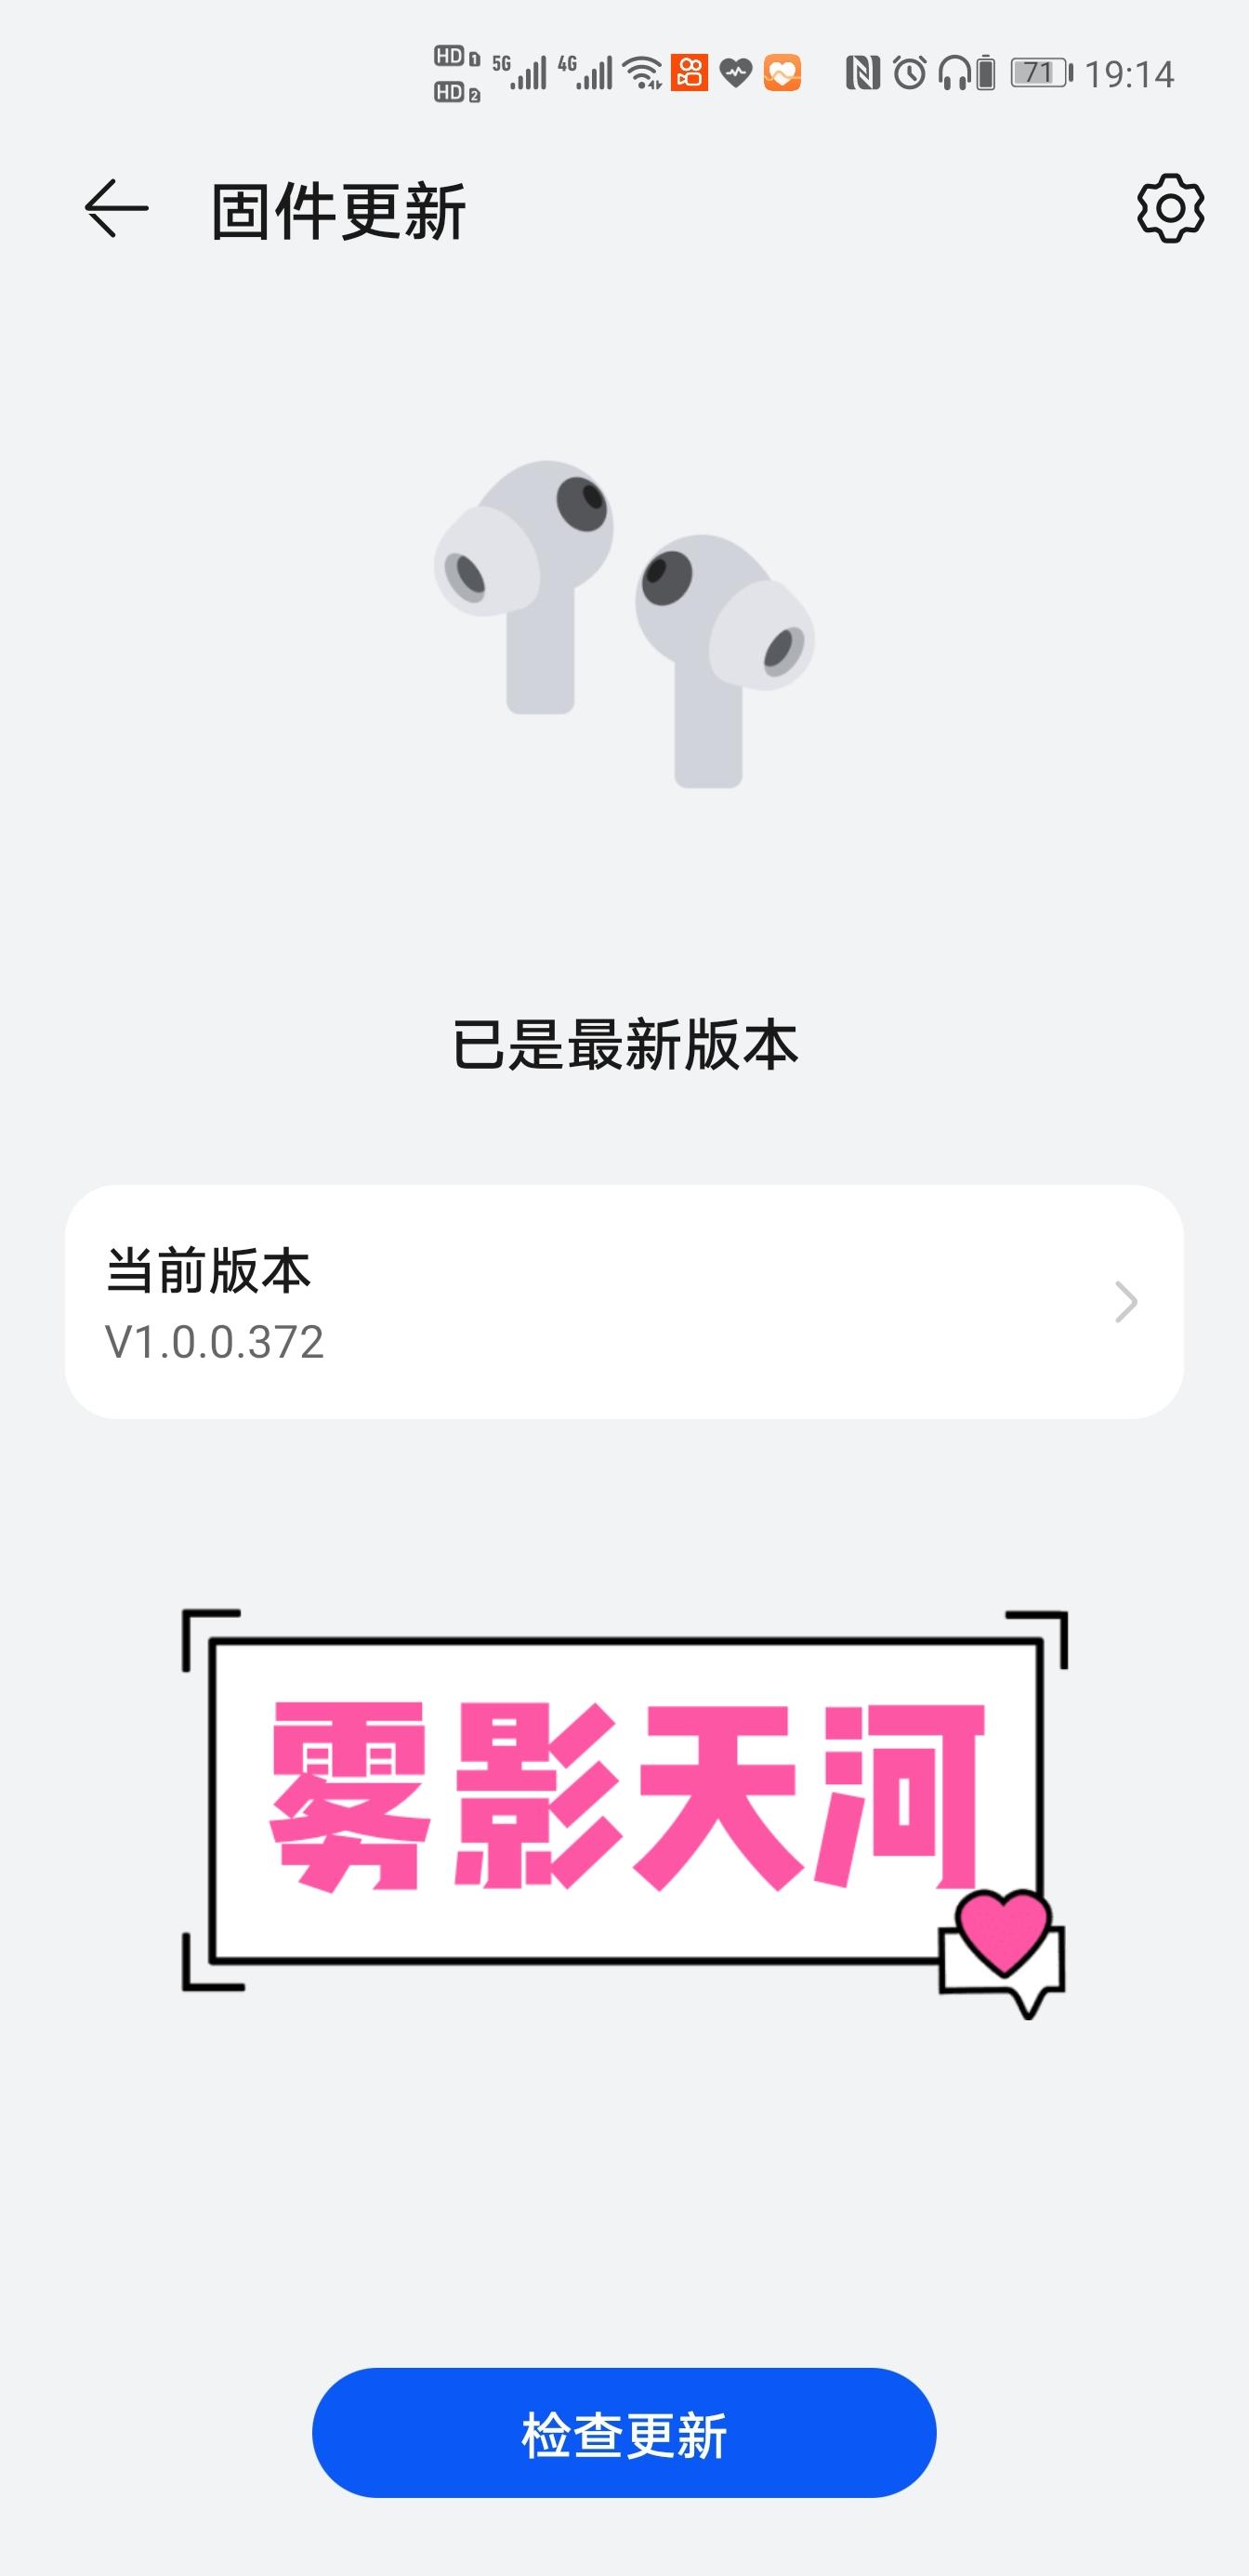 Screenshot_20210520_191406_com.huawei.smarthome_mh1621509563781.jpg